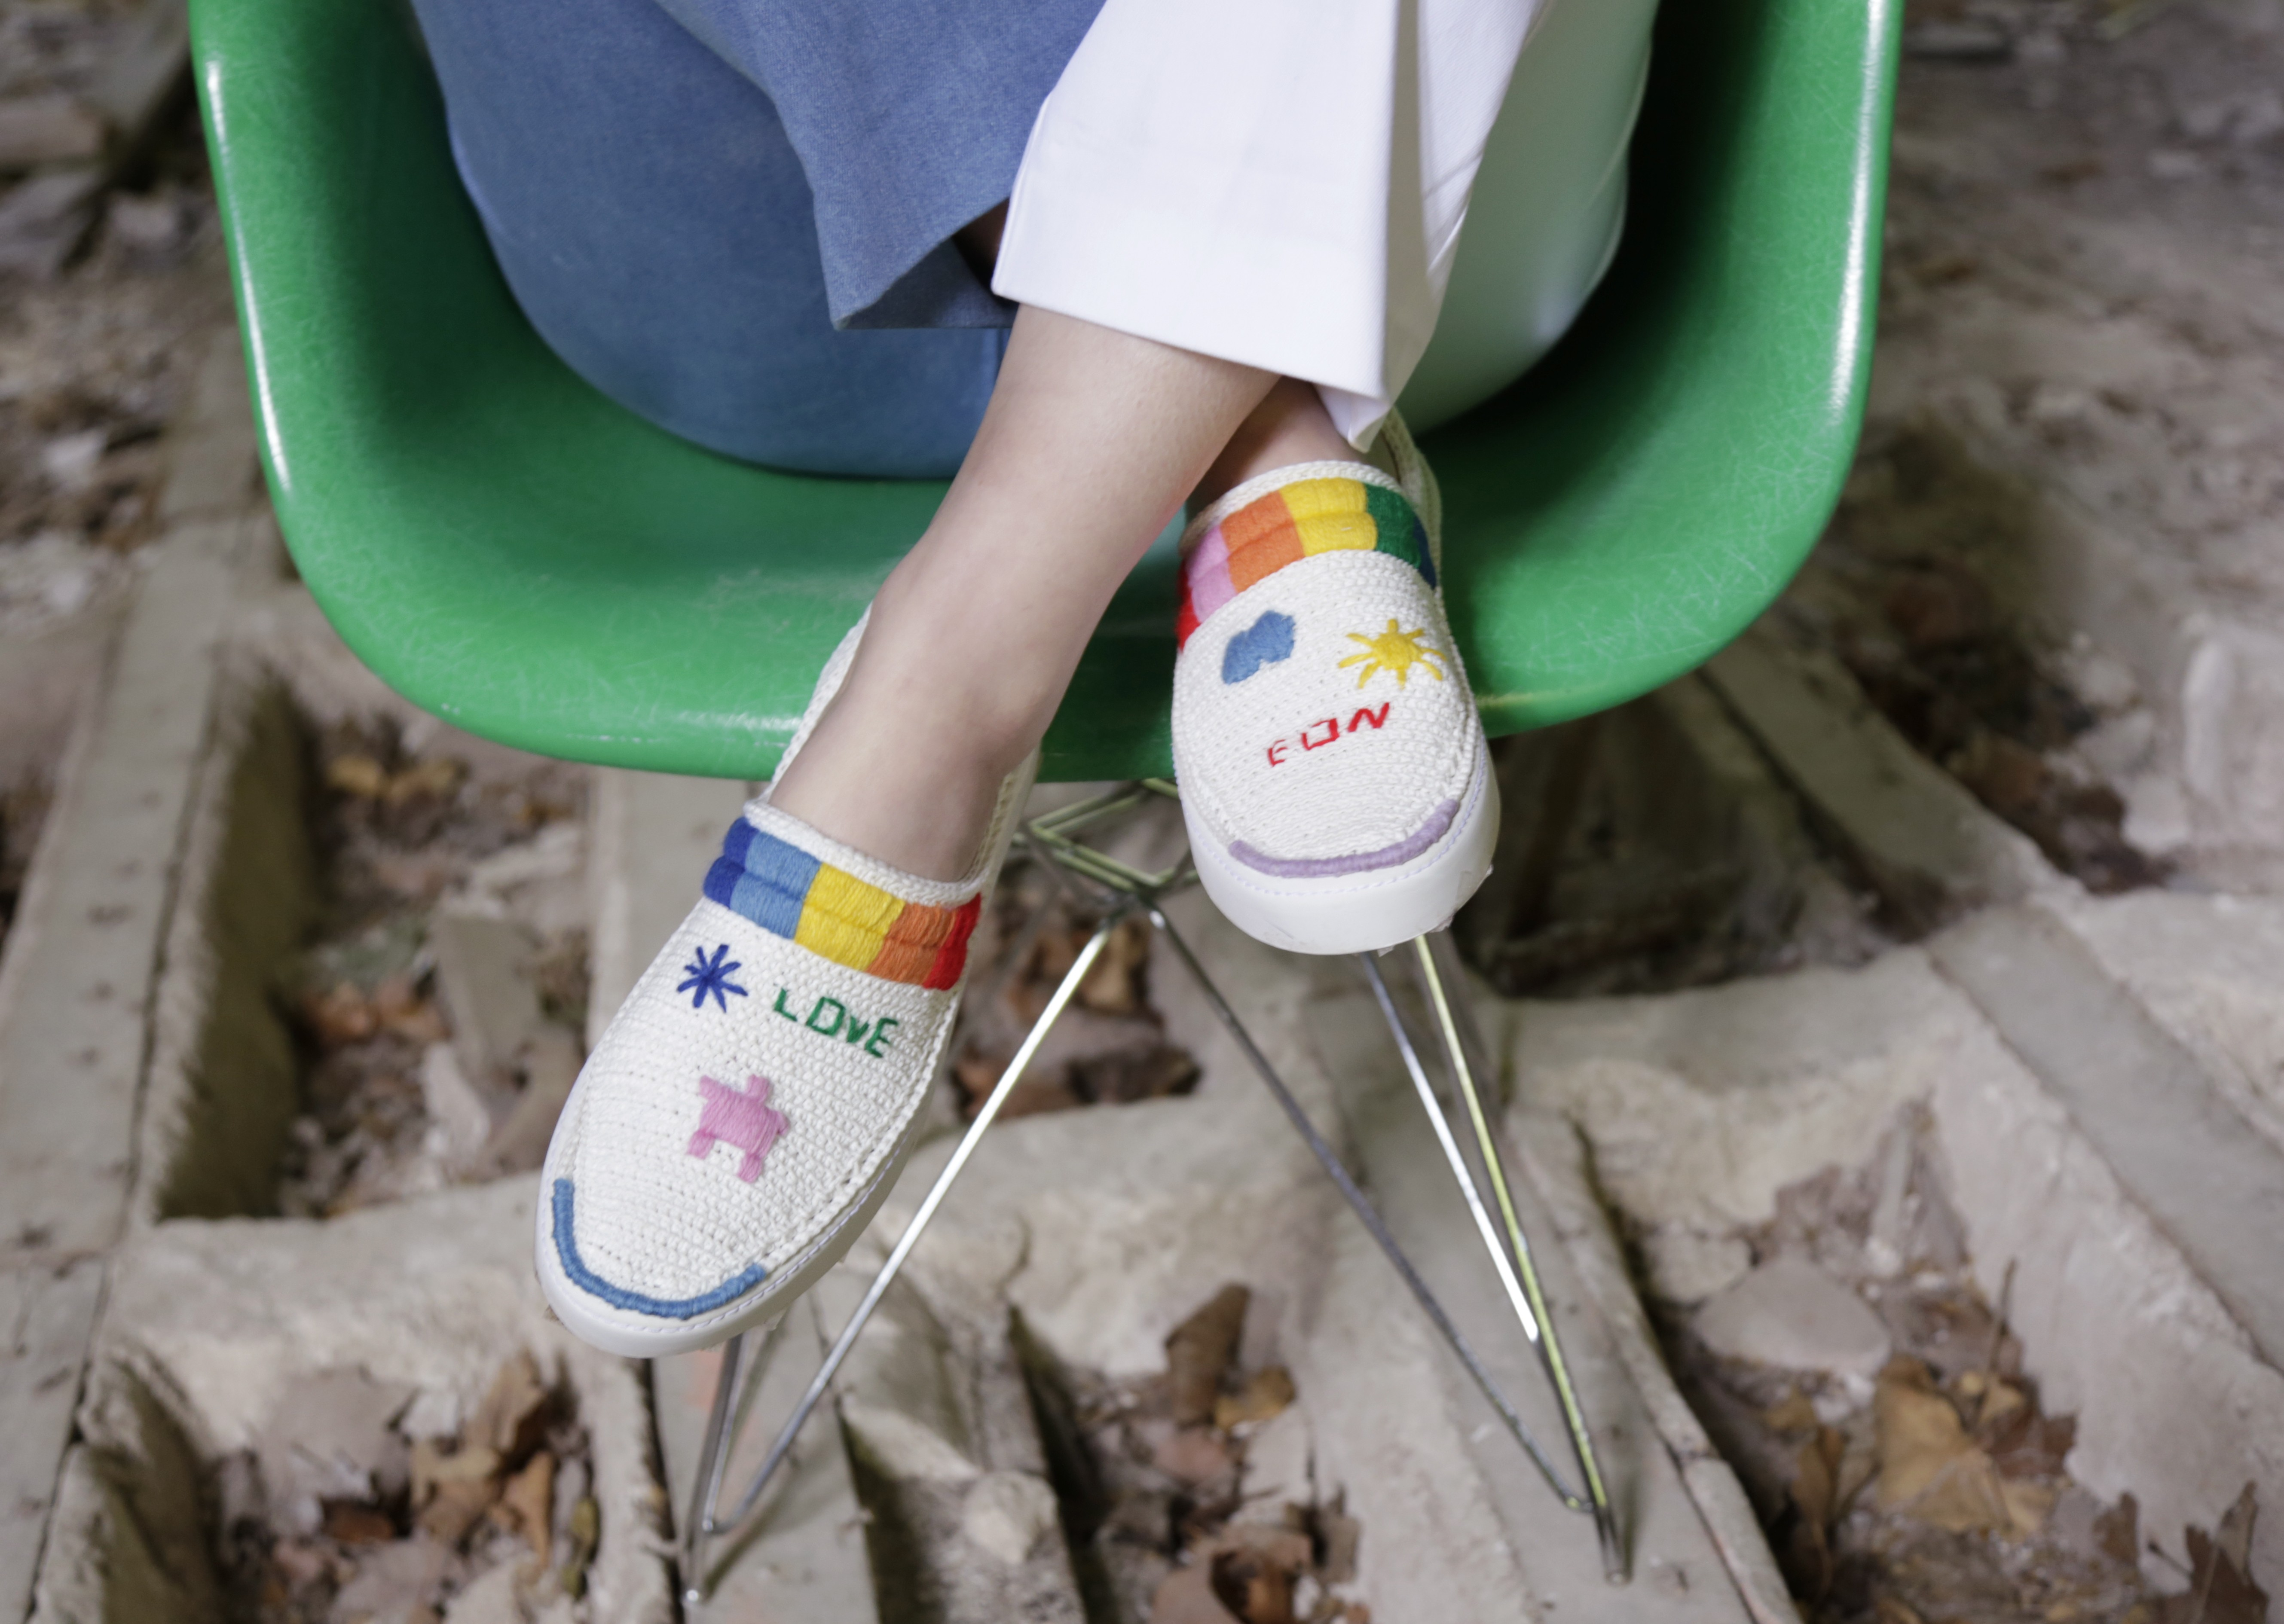 Amrose chega ao Brasil com seus tênis pintados e bordados à mão (Foto: Divulgação)